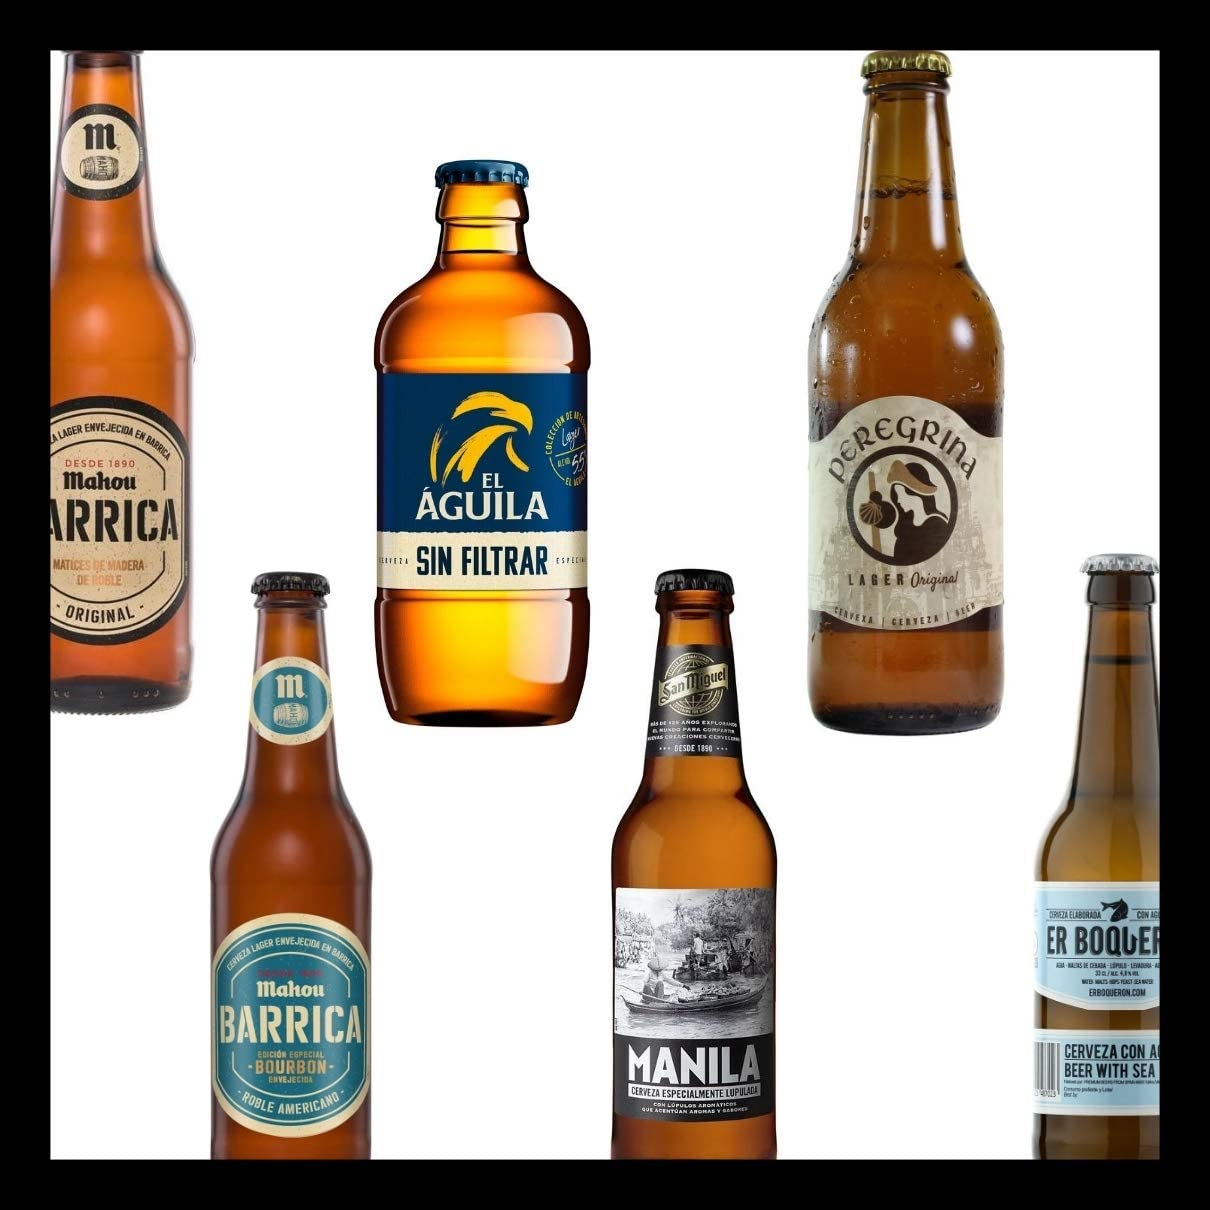 Pack de Cervezas Originales Mahou Barrica 33cl - mahou Barrica ...